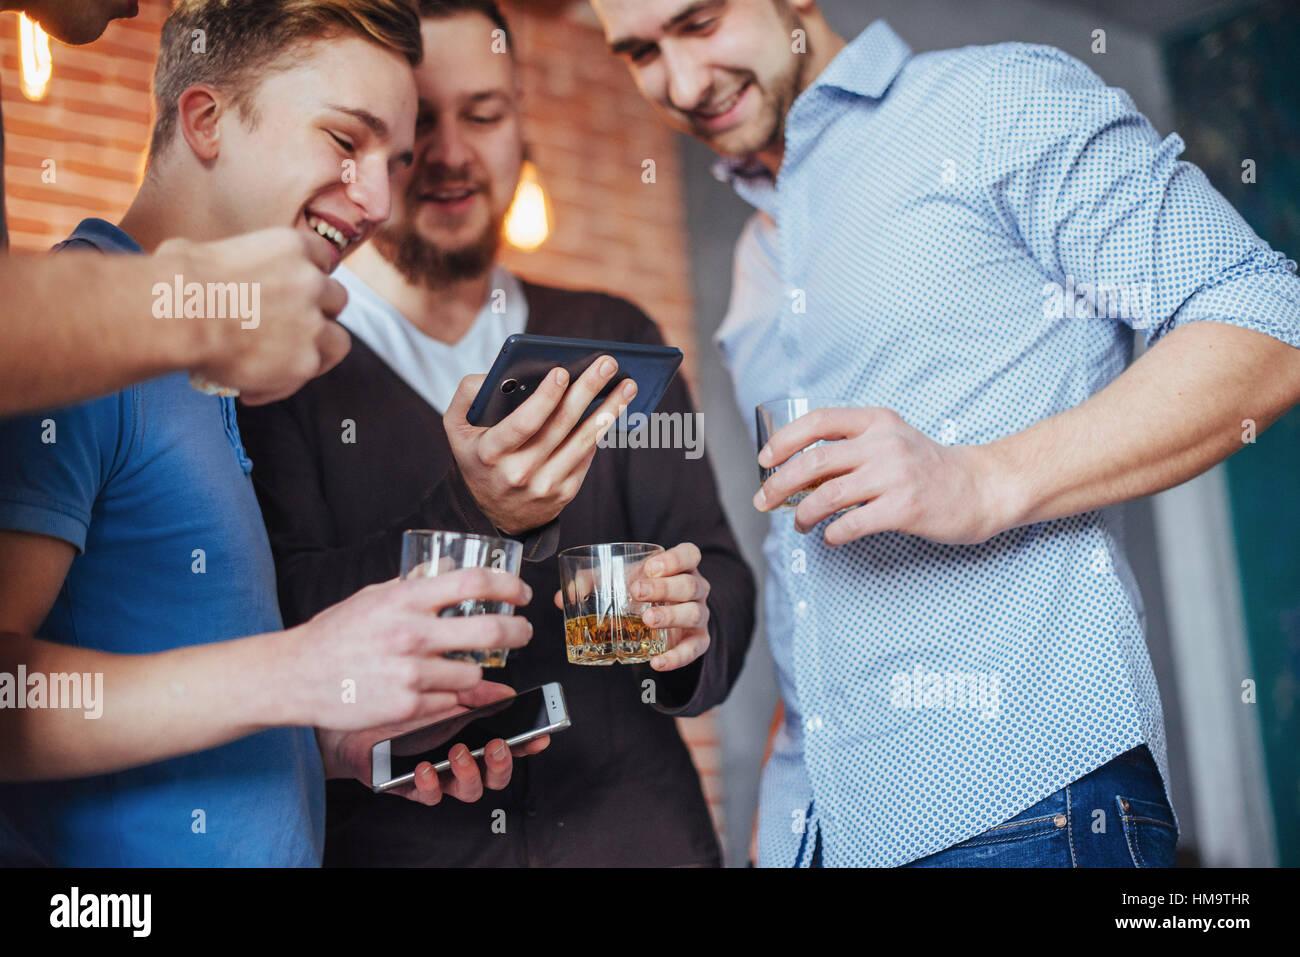 Fröhlichen alte Freunden kommunizieren miteinander und Handy Uhren, Gläser Whisky im Pub. Konzept-Entertainment Stockbild